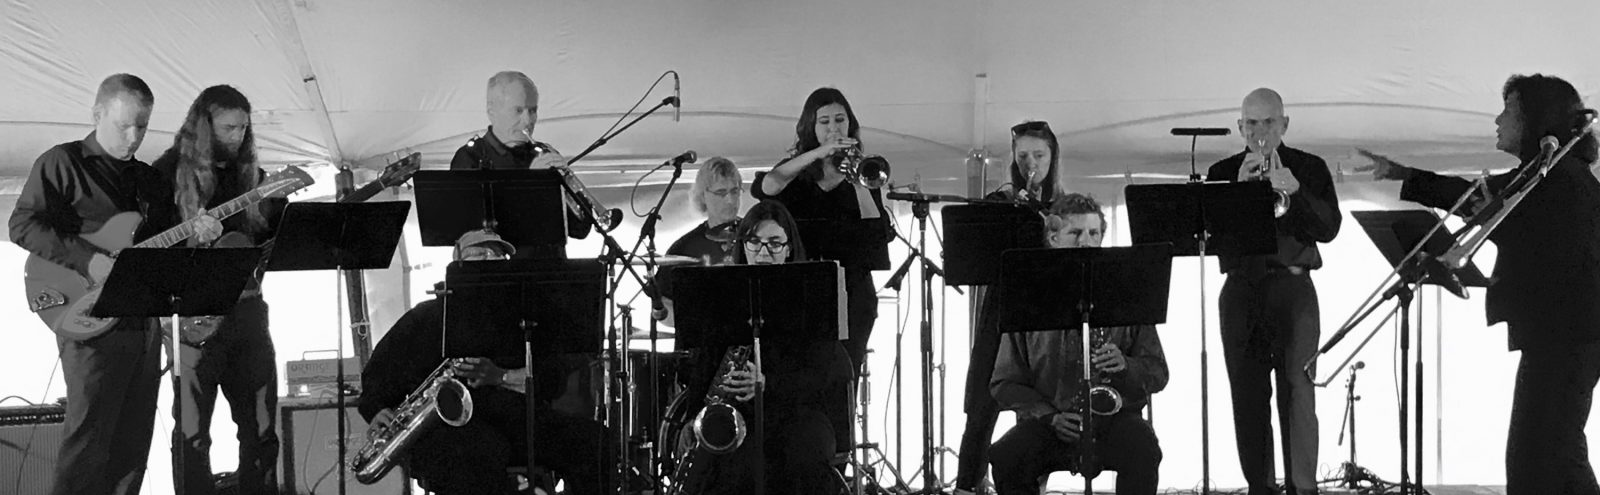 Northland College Jazz played at the WhistleStop marathon